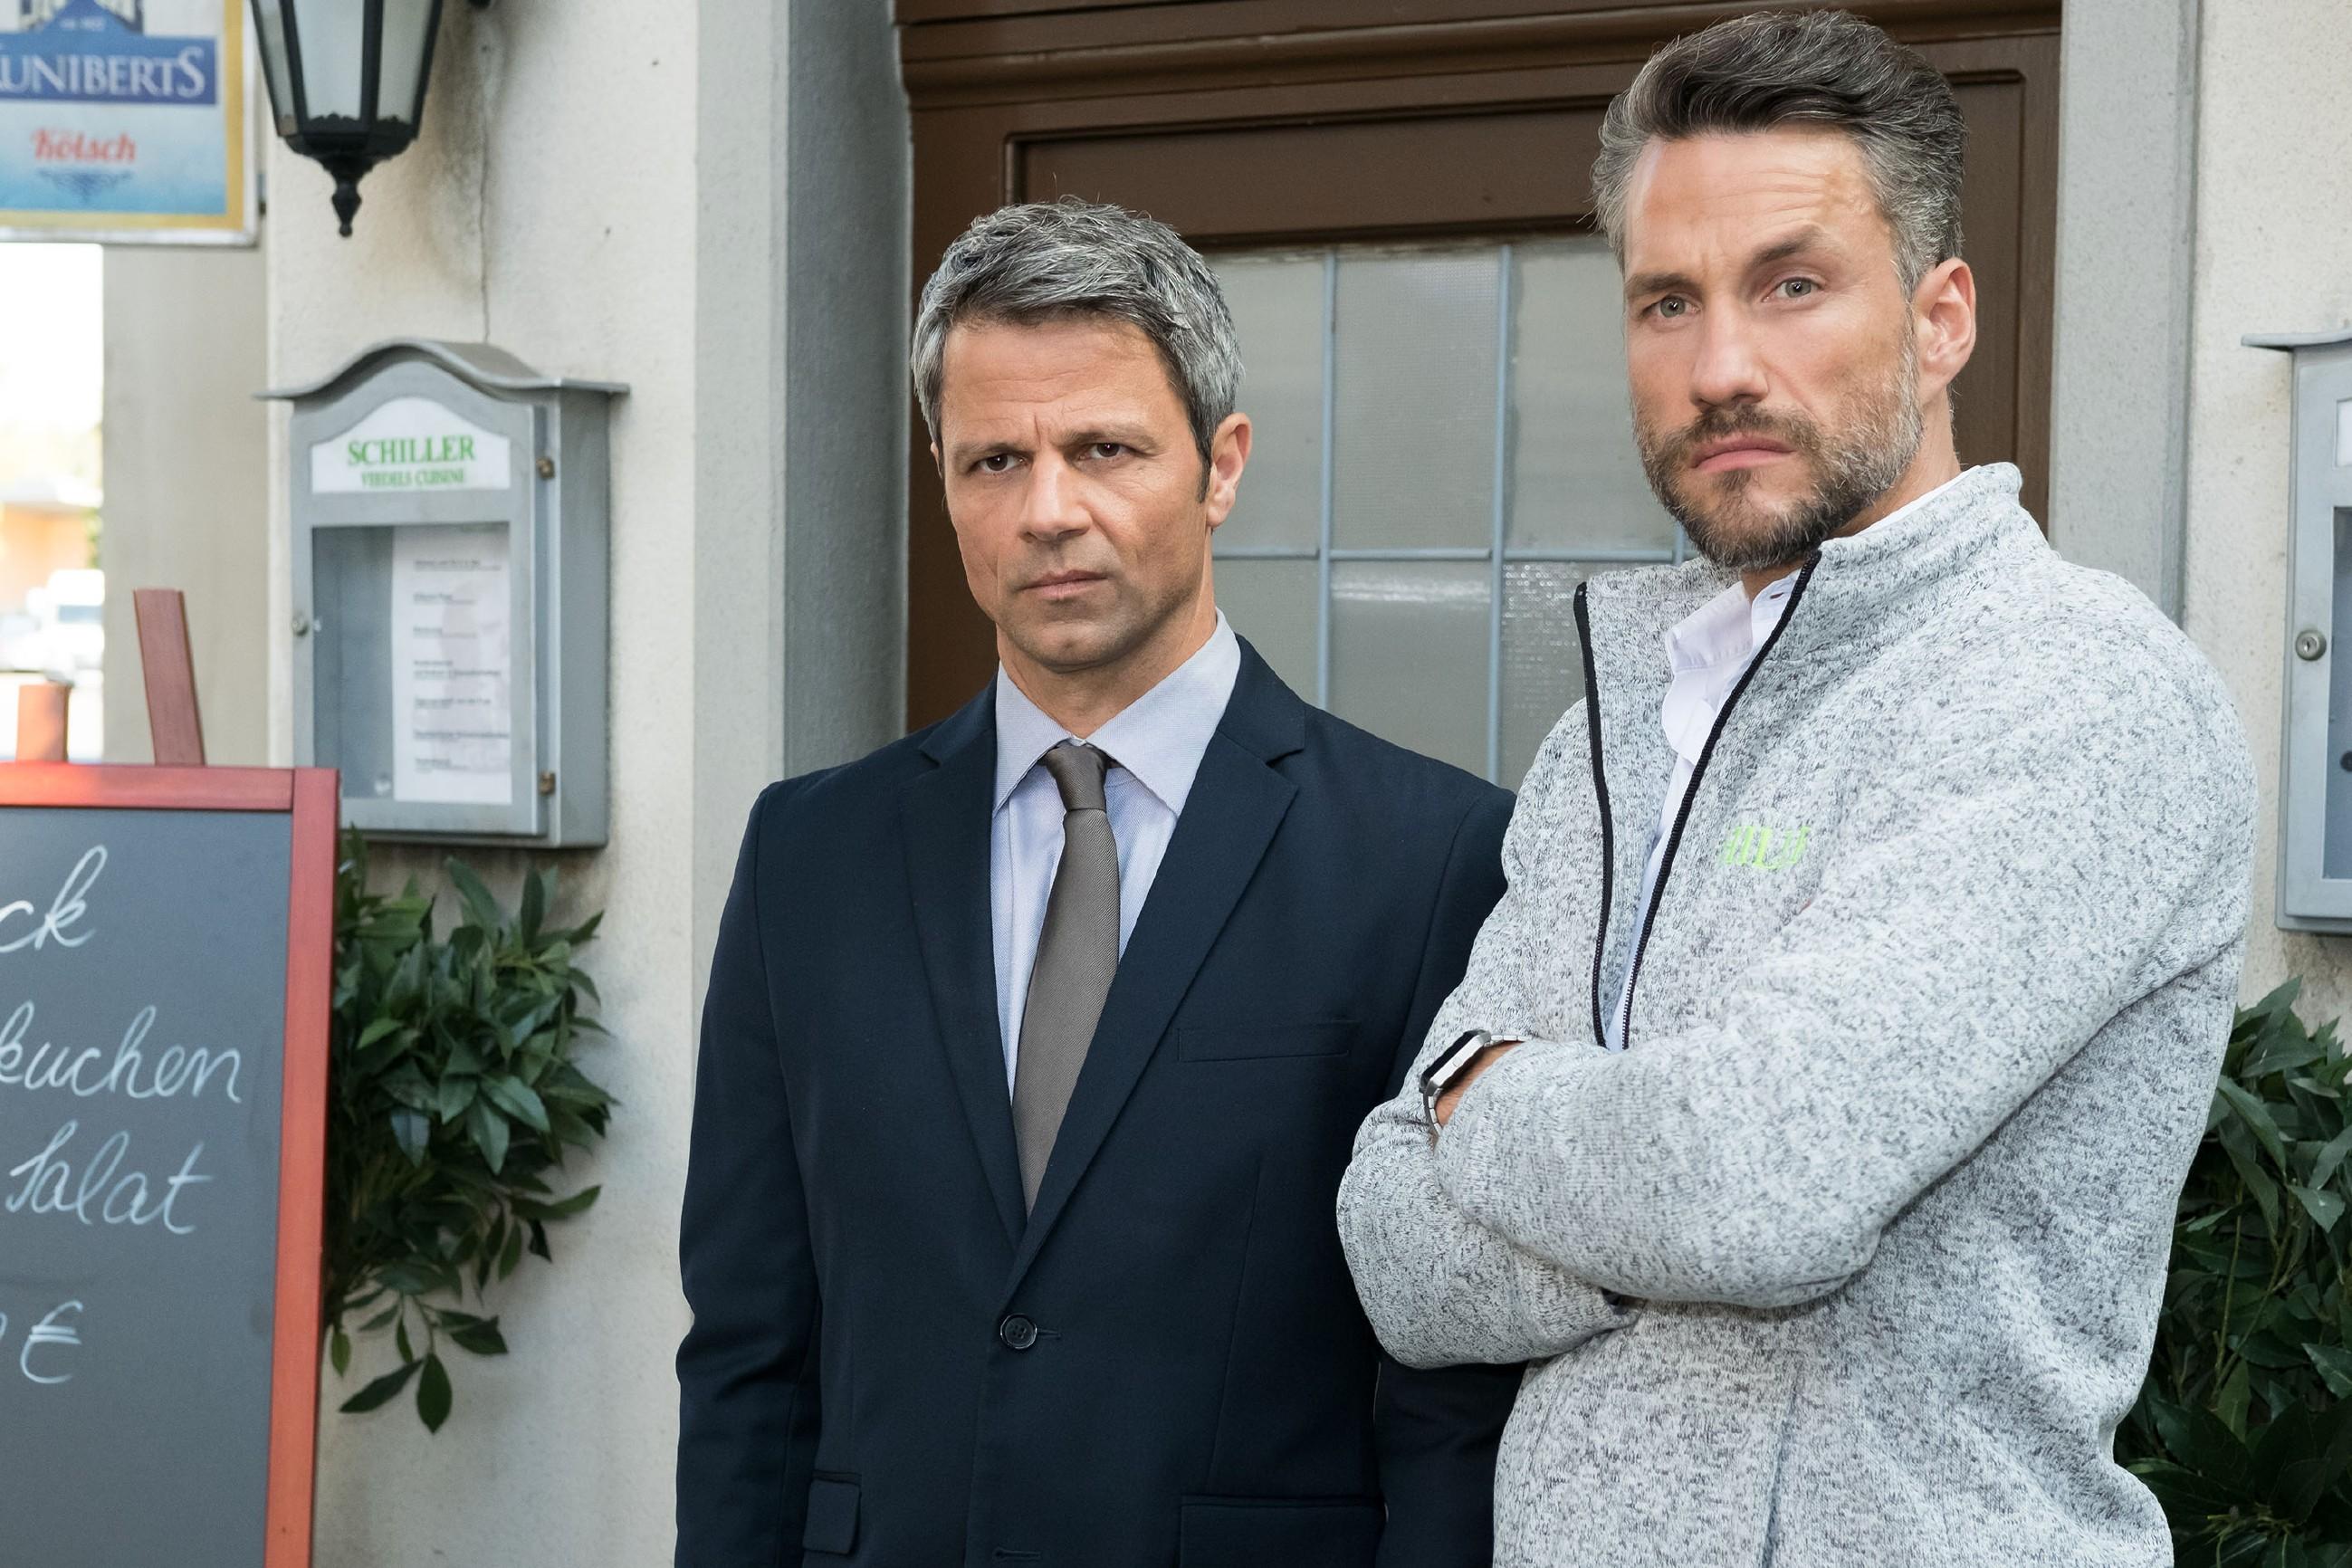 Während Malte (Stefan Bockelmann) von Valentins diplomatischem Eingreifen beeindruckt ist, fühlt Benedikt (Jens Hajek, l.) sich gedemütigt und entmachtet. (Quelle: RTL / Stefan Behrens)